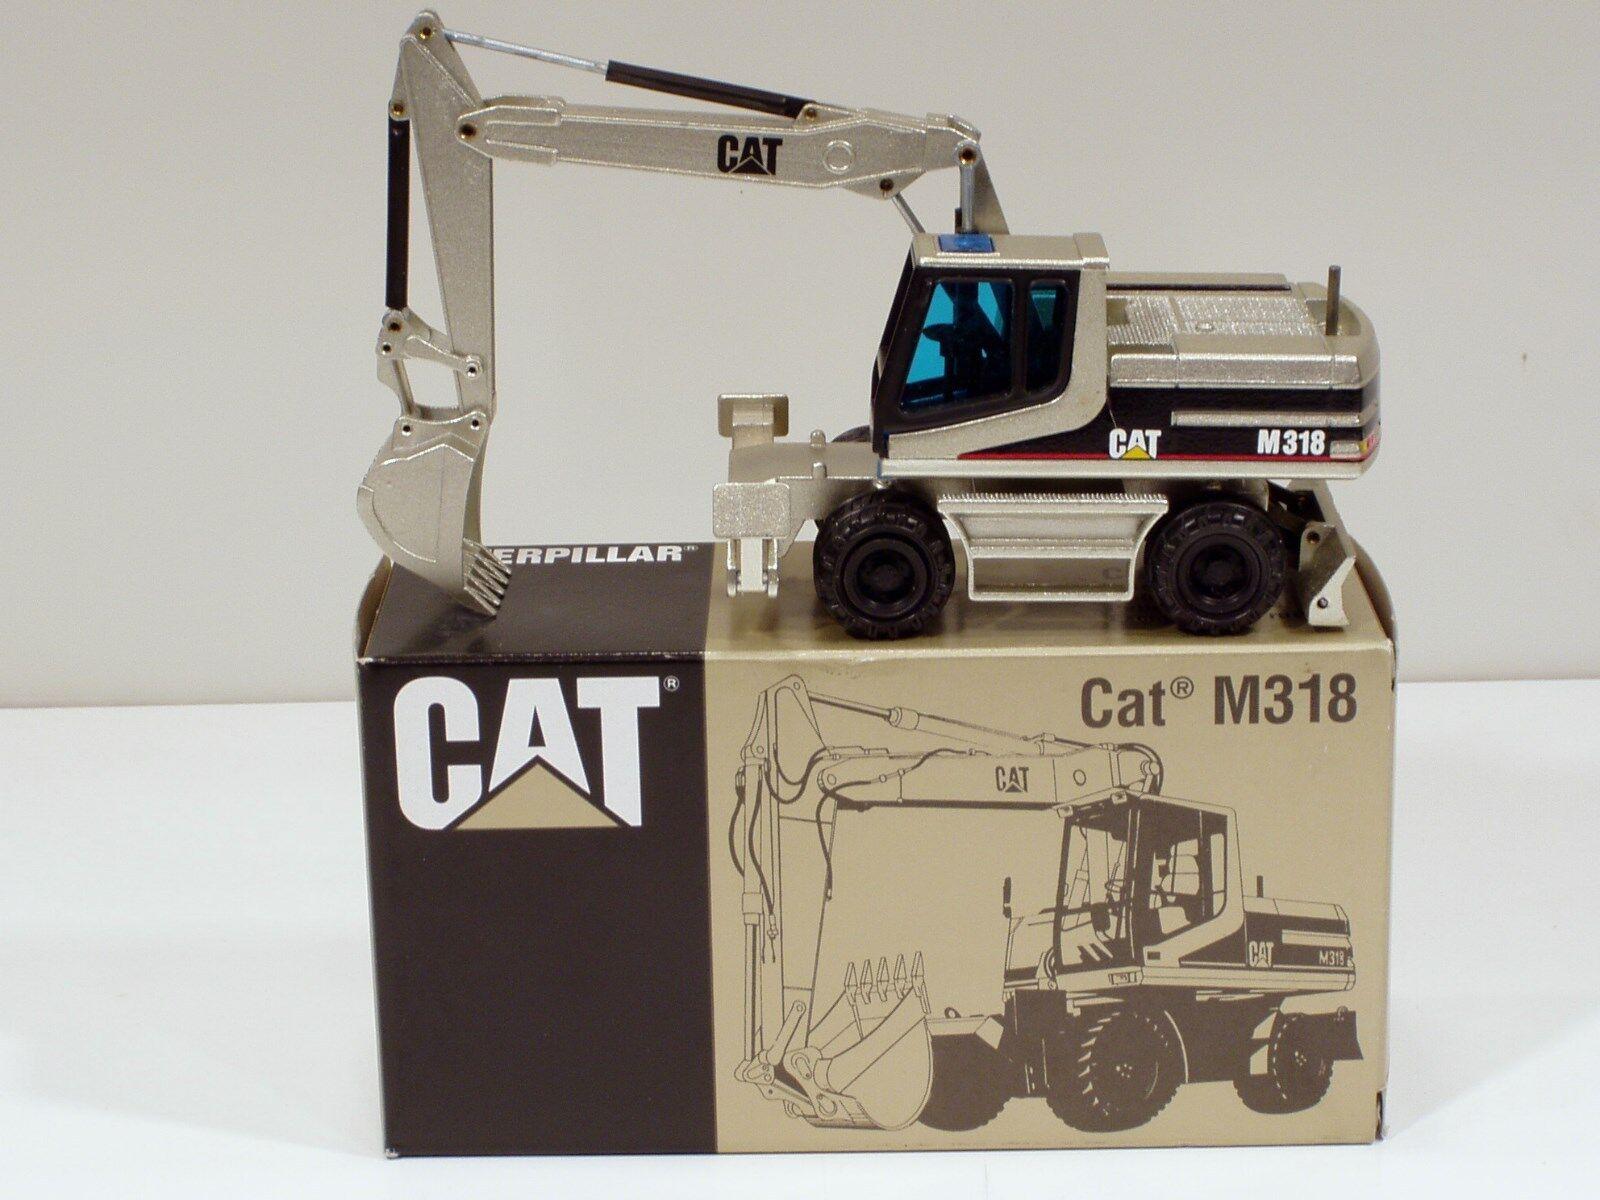 Caterpillar  M318 roue excavateur -  or pâle  - 1 50 - NZG  405.02 - Comme neuf IN BOX  autorisation officielle